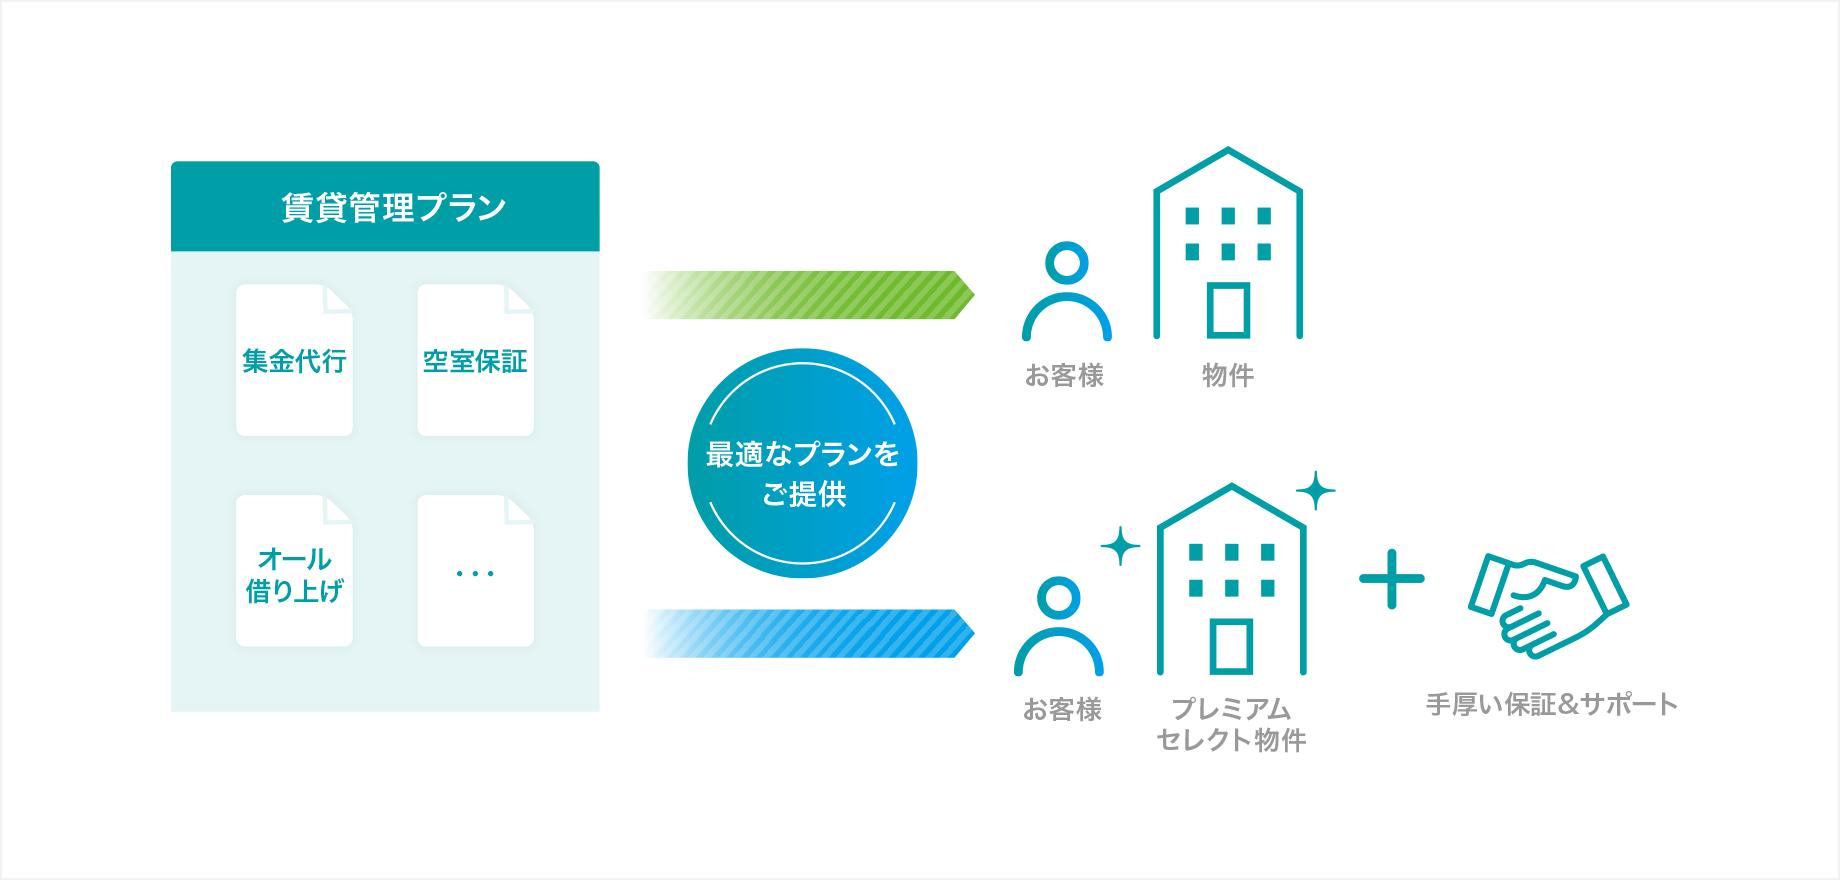 賃貸管理イメージ図